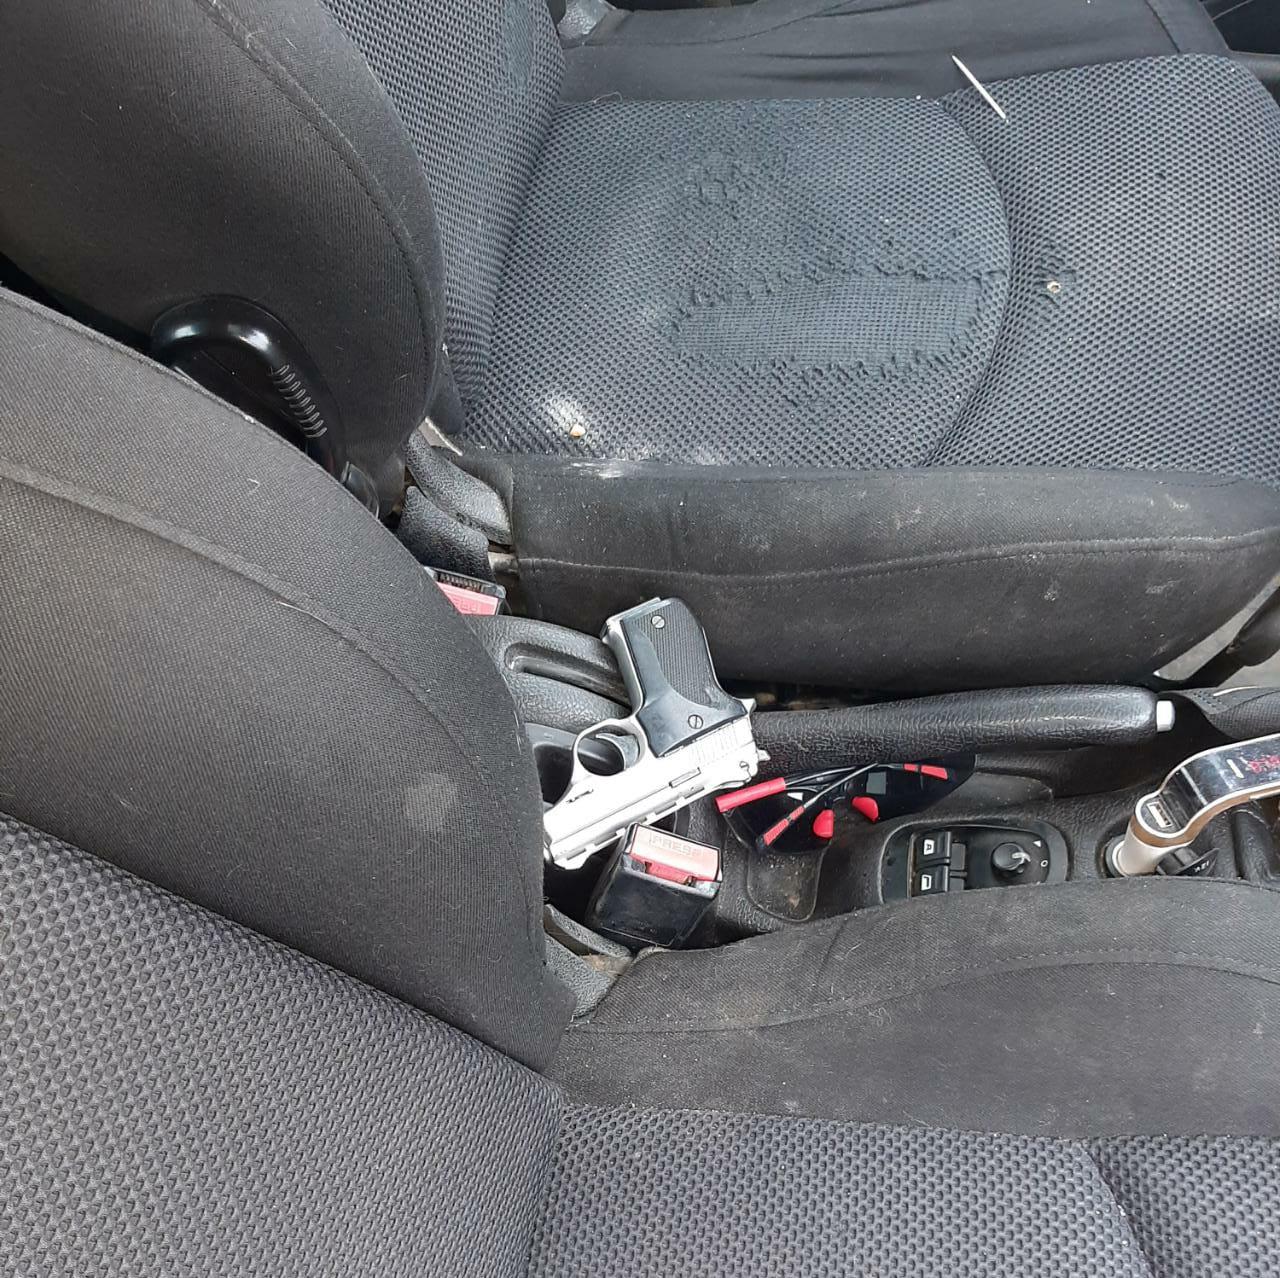 Portaban un revólver ilegalmente.